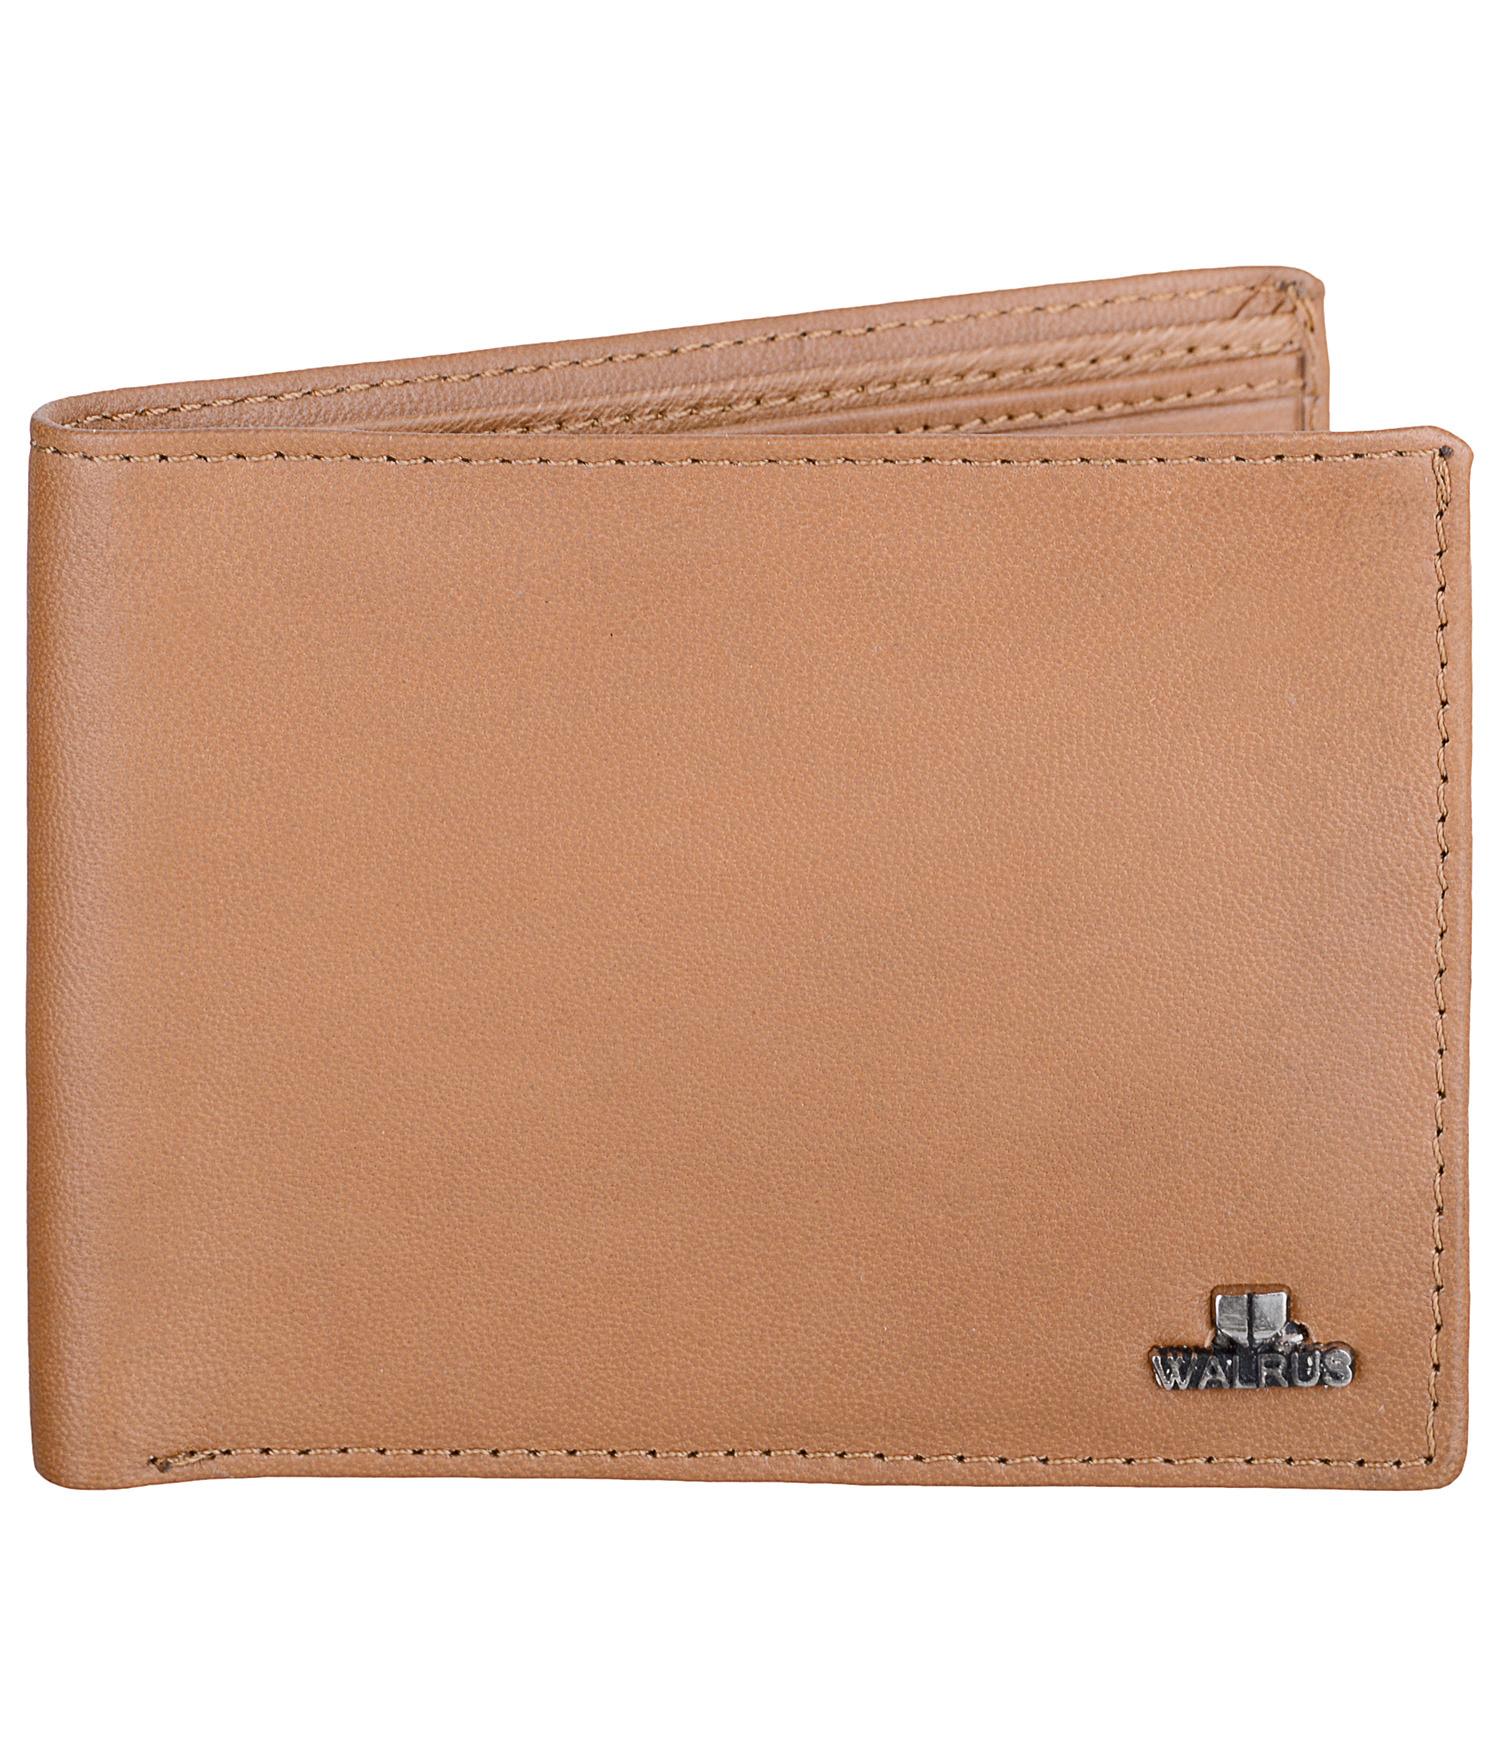 Walrus | Walrus Soft Beige Vegan Leather Men Wallet.